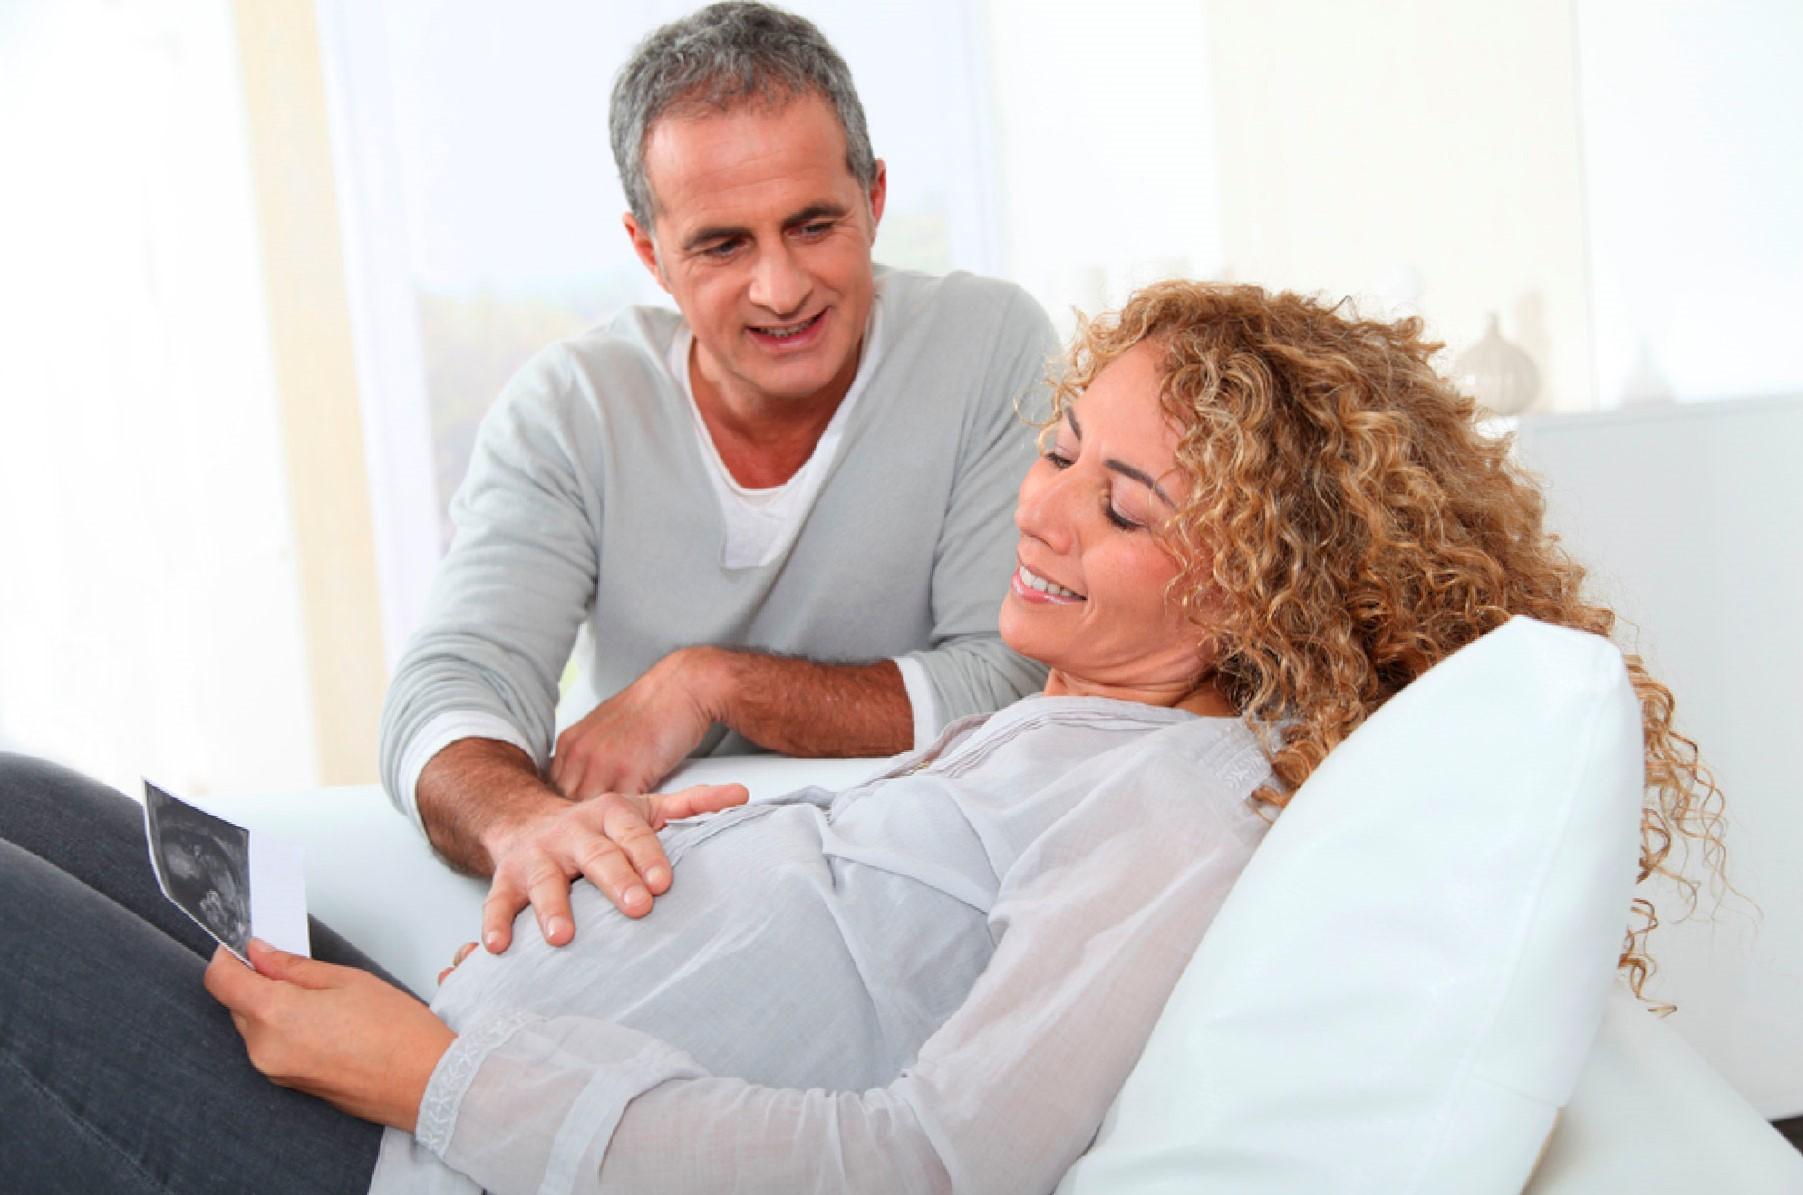 mulher grávida sentada no sifá com exame de ultrassom na mão e marido inclinado sobre ela com a mão na barriga dela